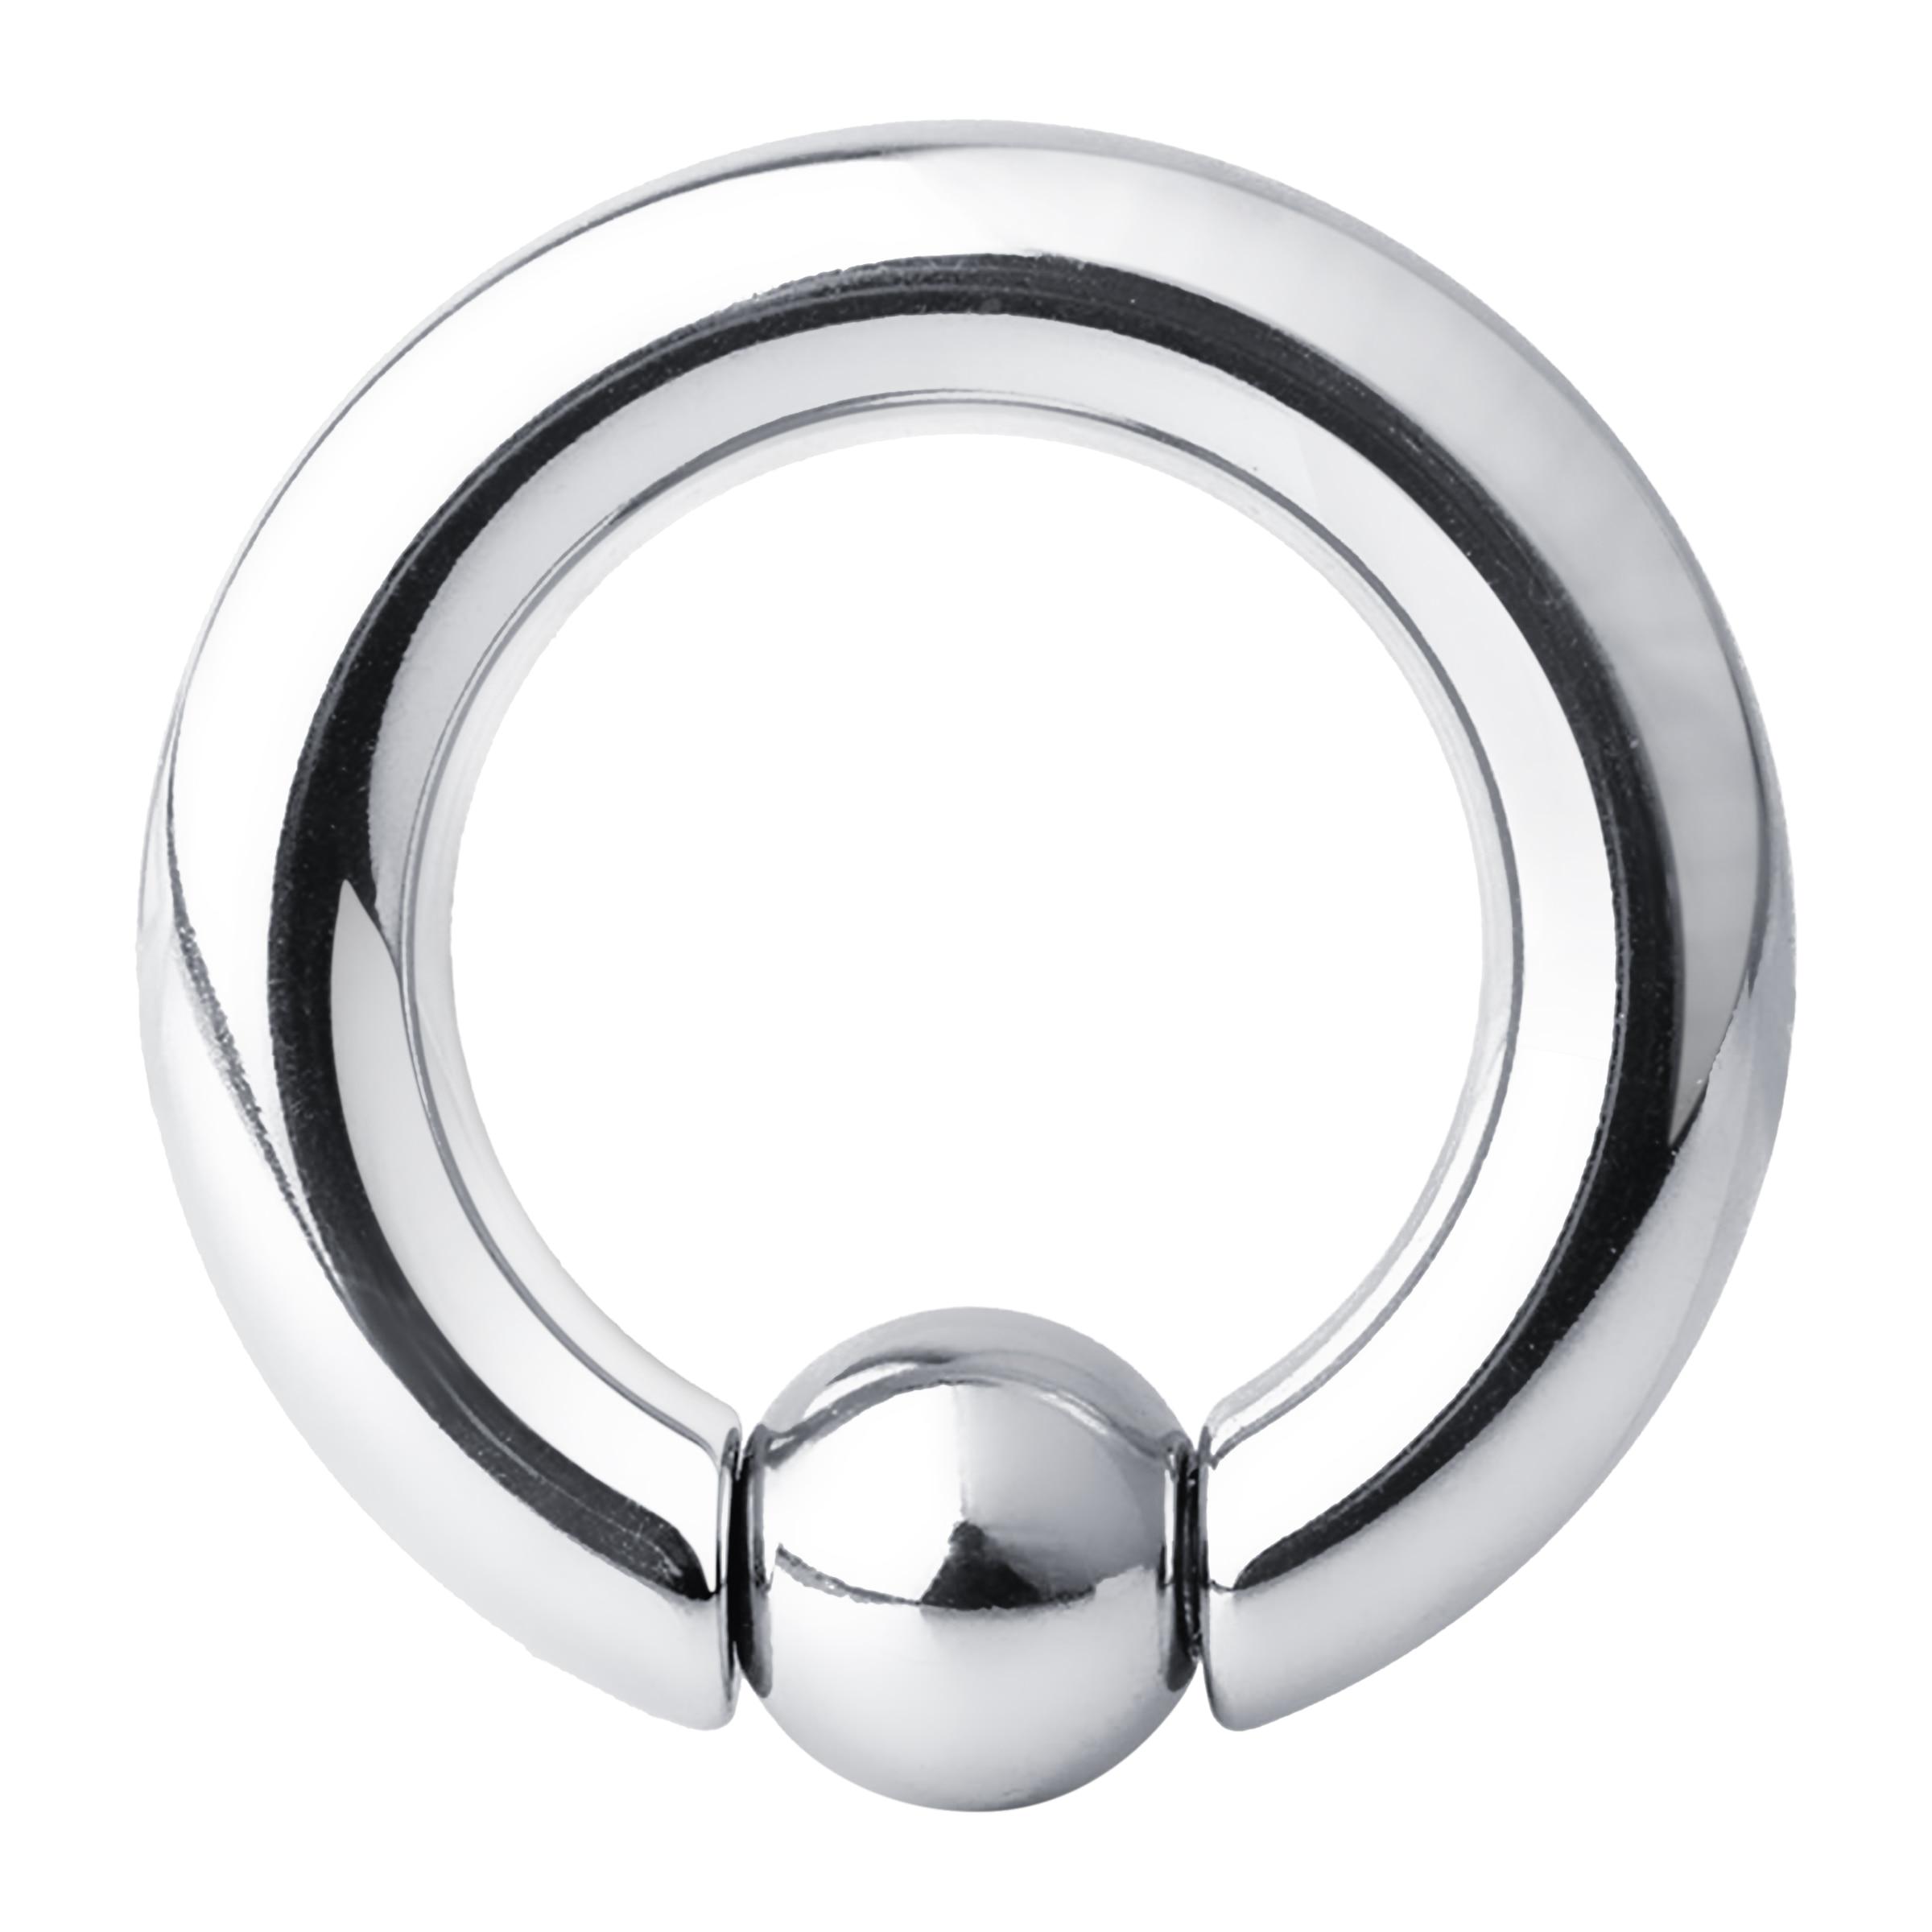 1PCS Stainless Steel Bead Hoop Earrings Nipple Nostril Large Ring.-0